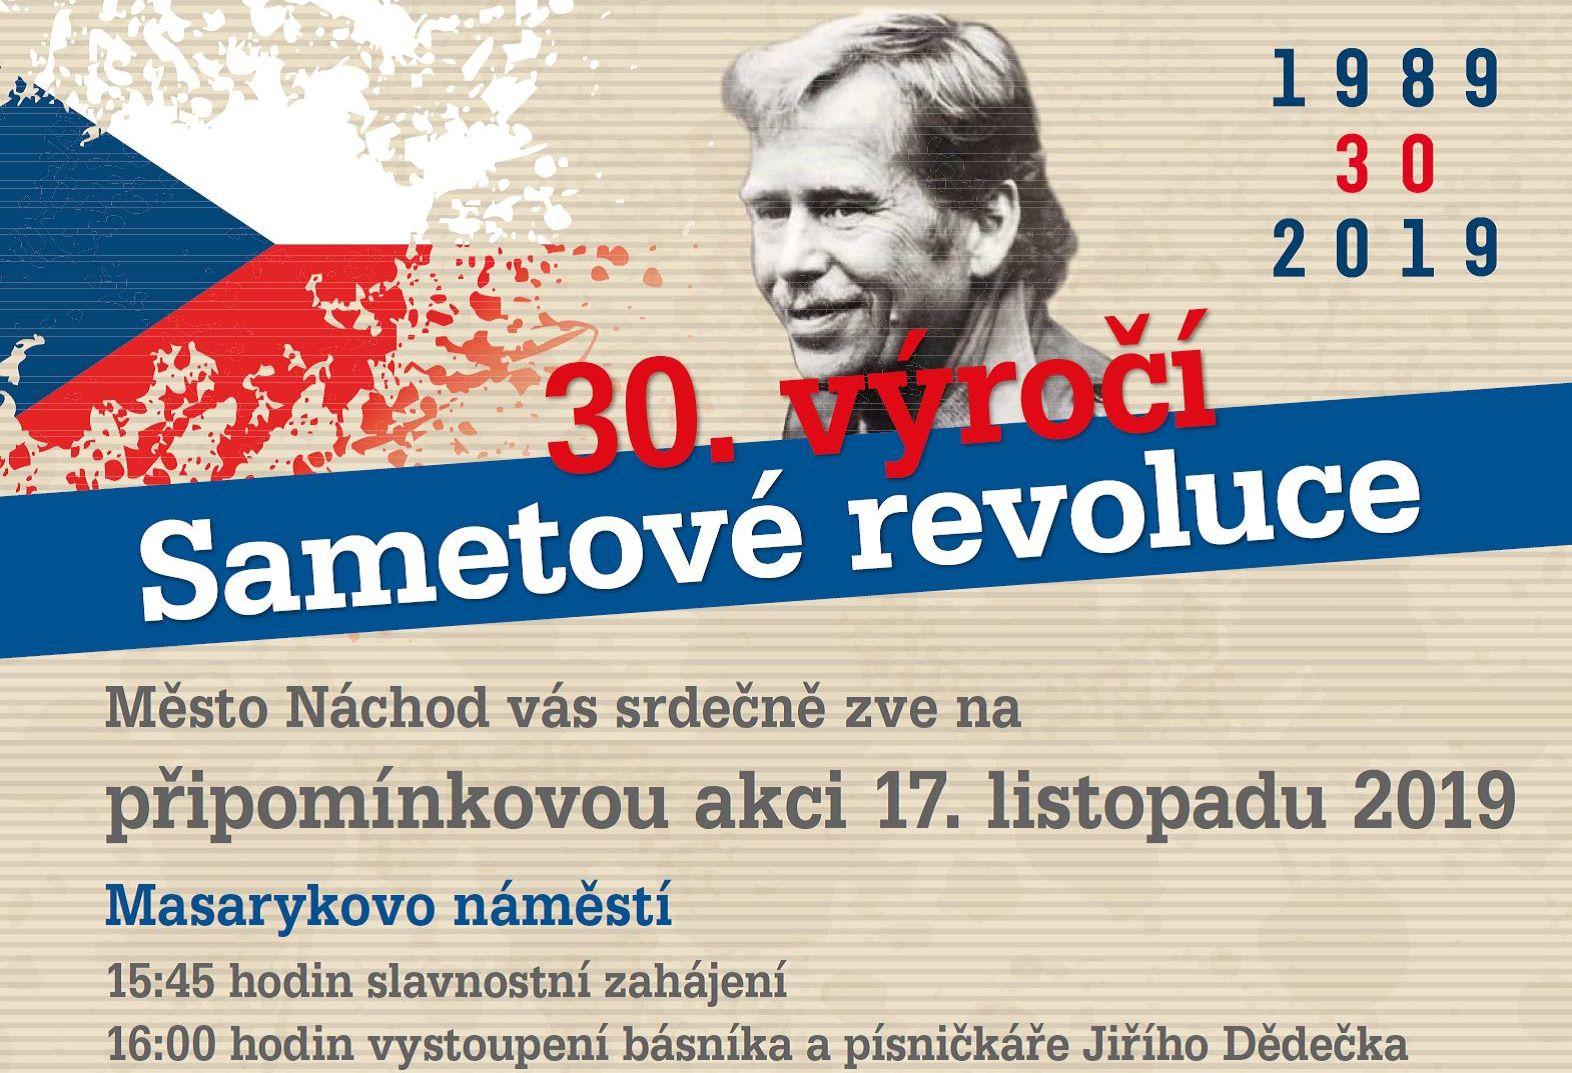 Připomínková akce k 30. výročí sametové revoluce v Náchodě